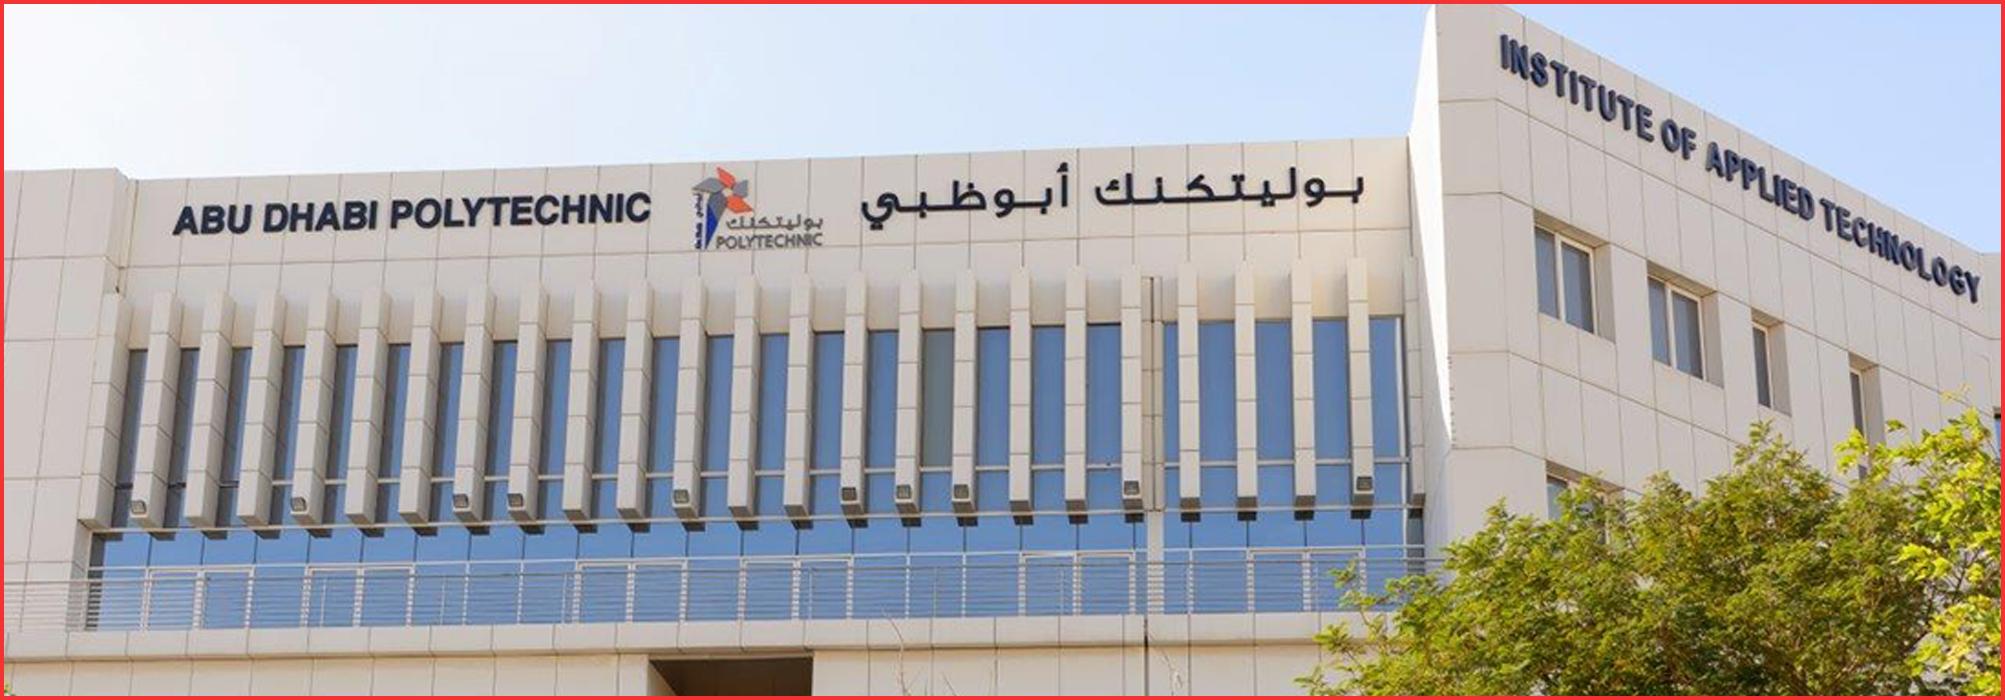 جامعة بوليتكنك ابوظبي .. تعرف على شروط الالتحاق وتكاليف الدراسة بالجامعة